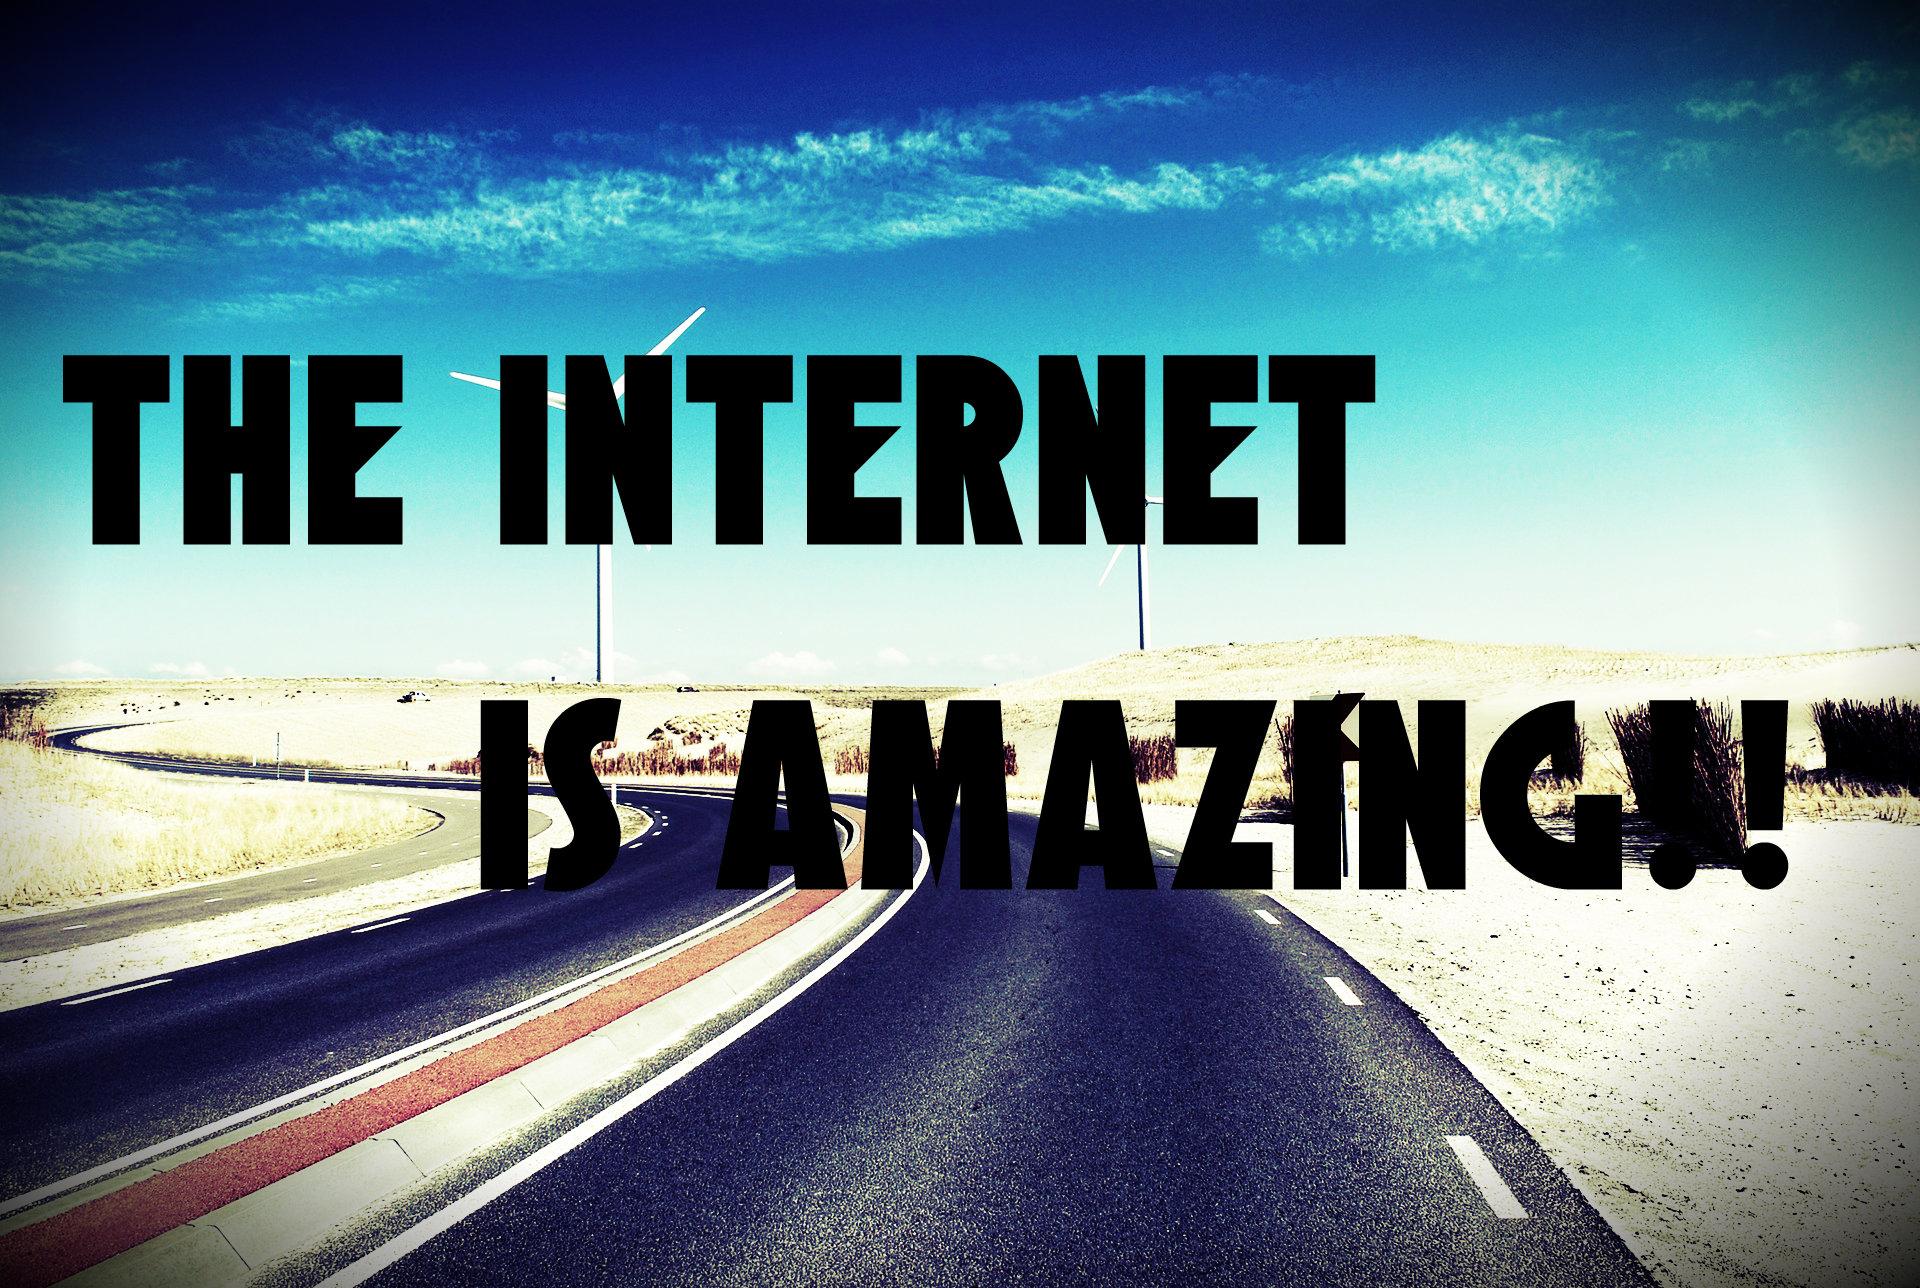 ウェブの魅力や楽しさを伝える「ウェブあれこれ」はじめました。